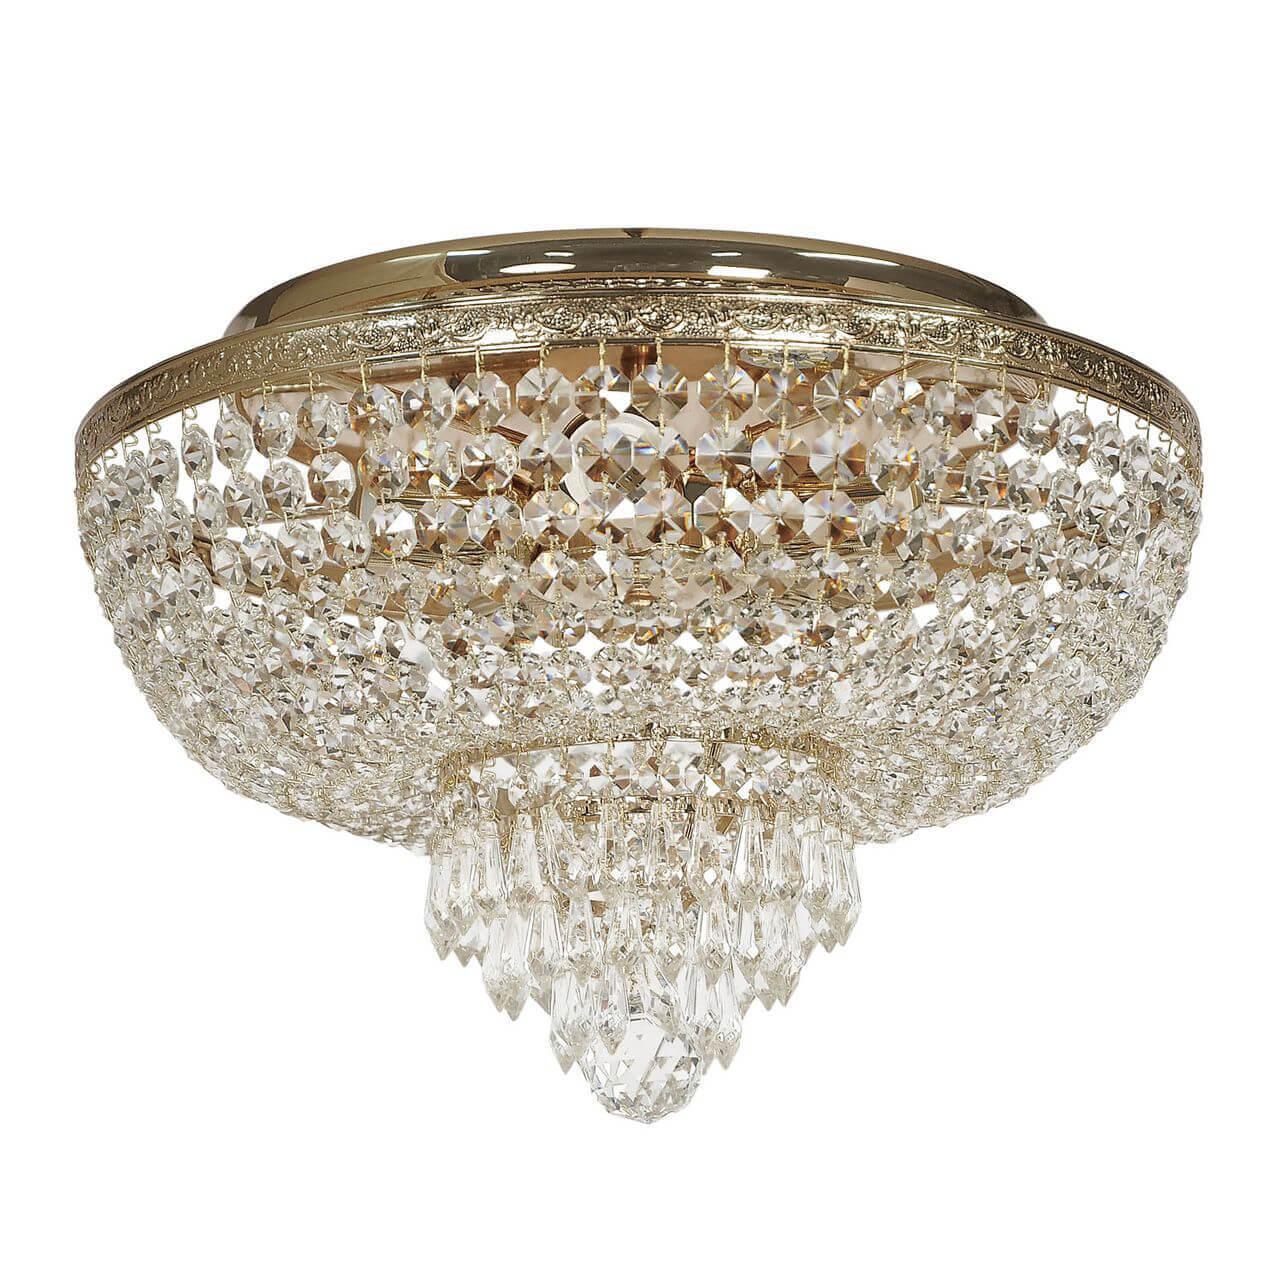 Потолочный светильник Arti Lampadari Camomilla LE 1.2.40.501 G